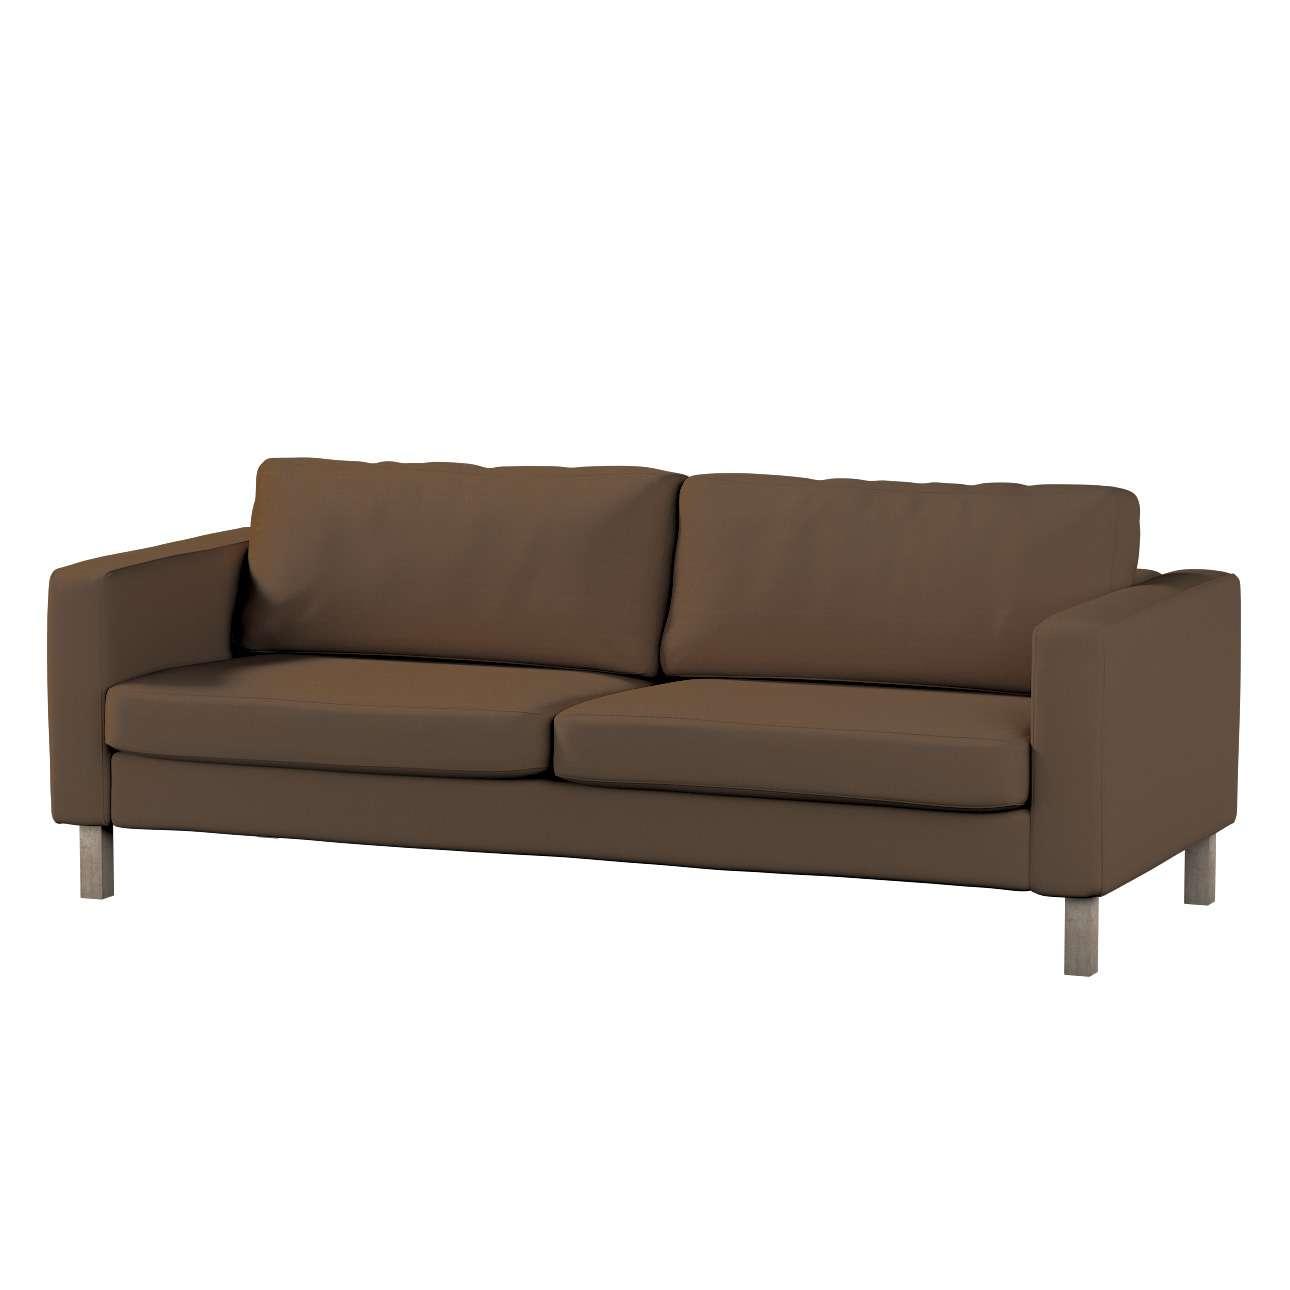 Karlstad 2-Sitzer Schlafsofabezug Karlstad 2-Sitzer ausklappbar von der Kollektion Cotton Panama, Stoff: 702-02